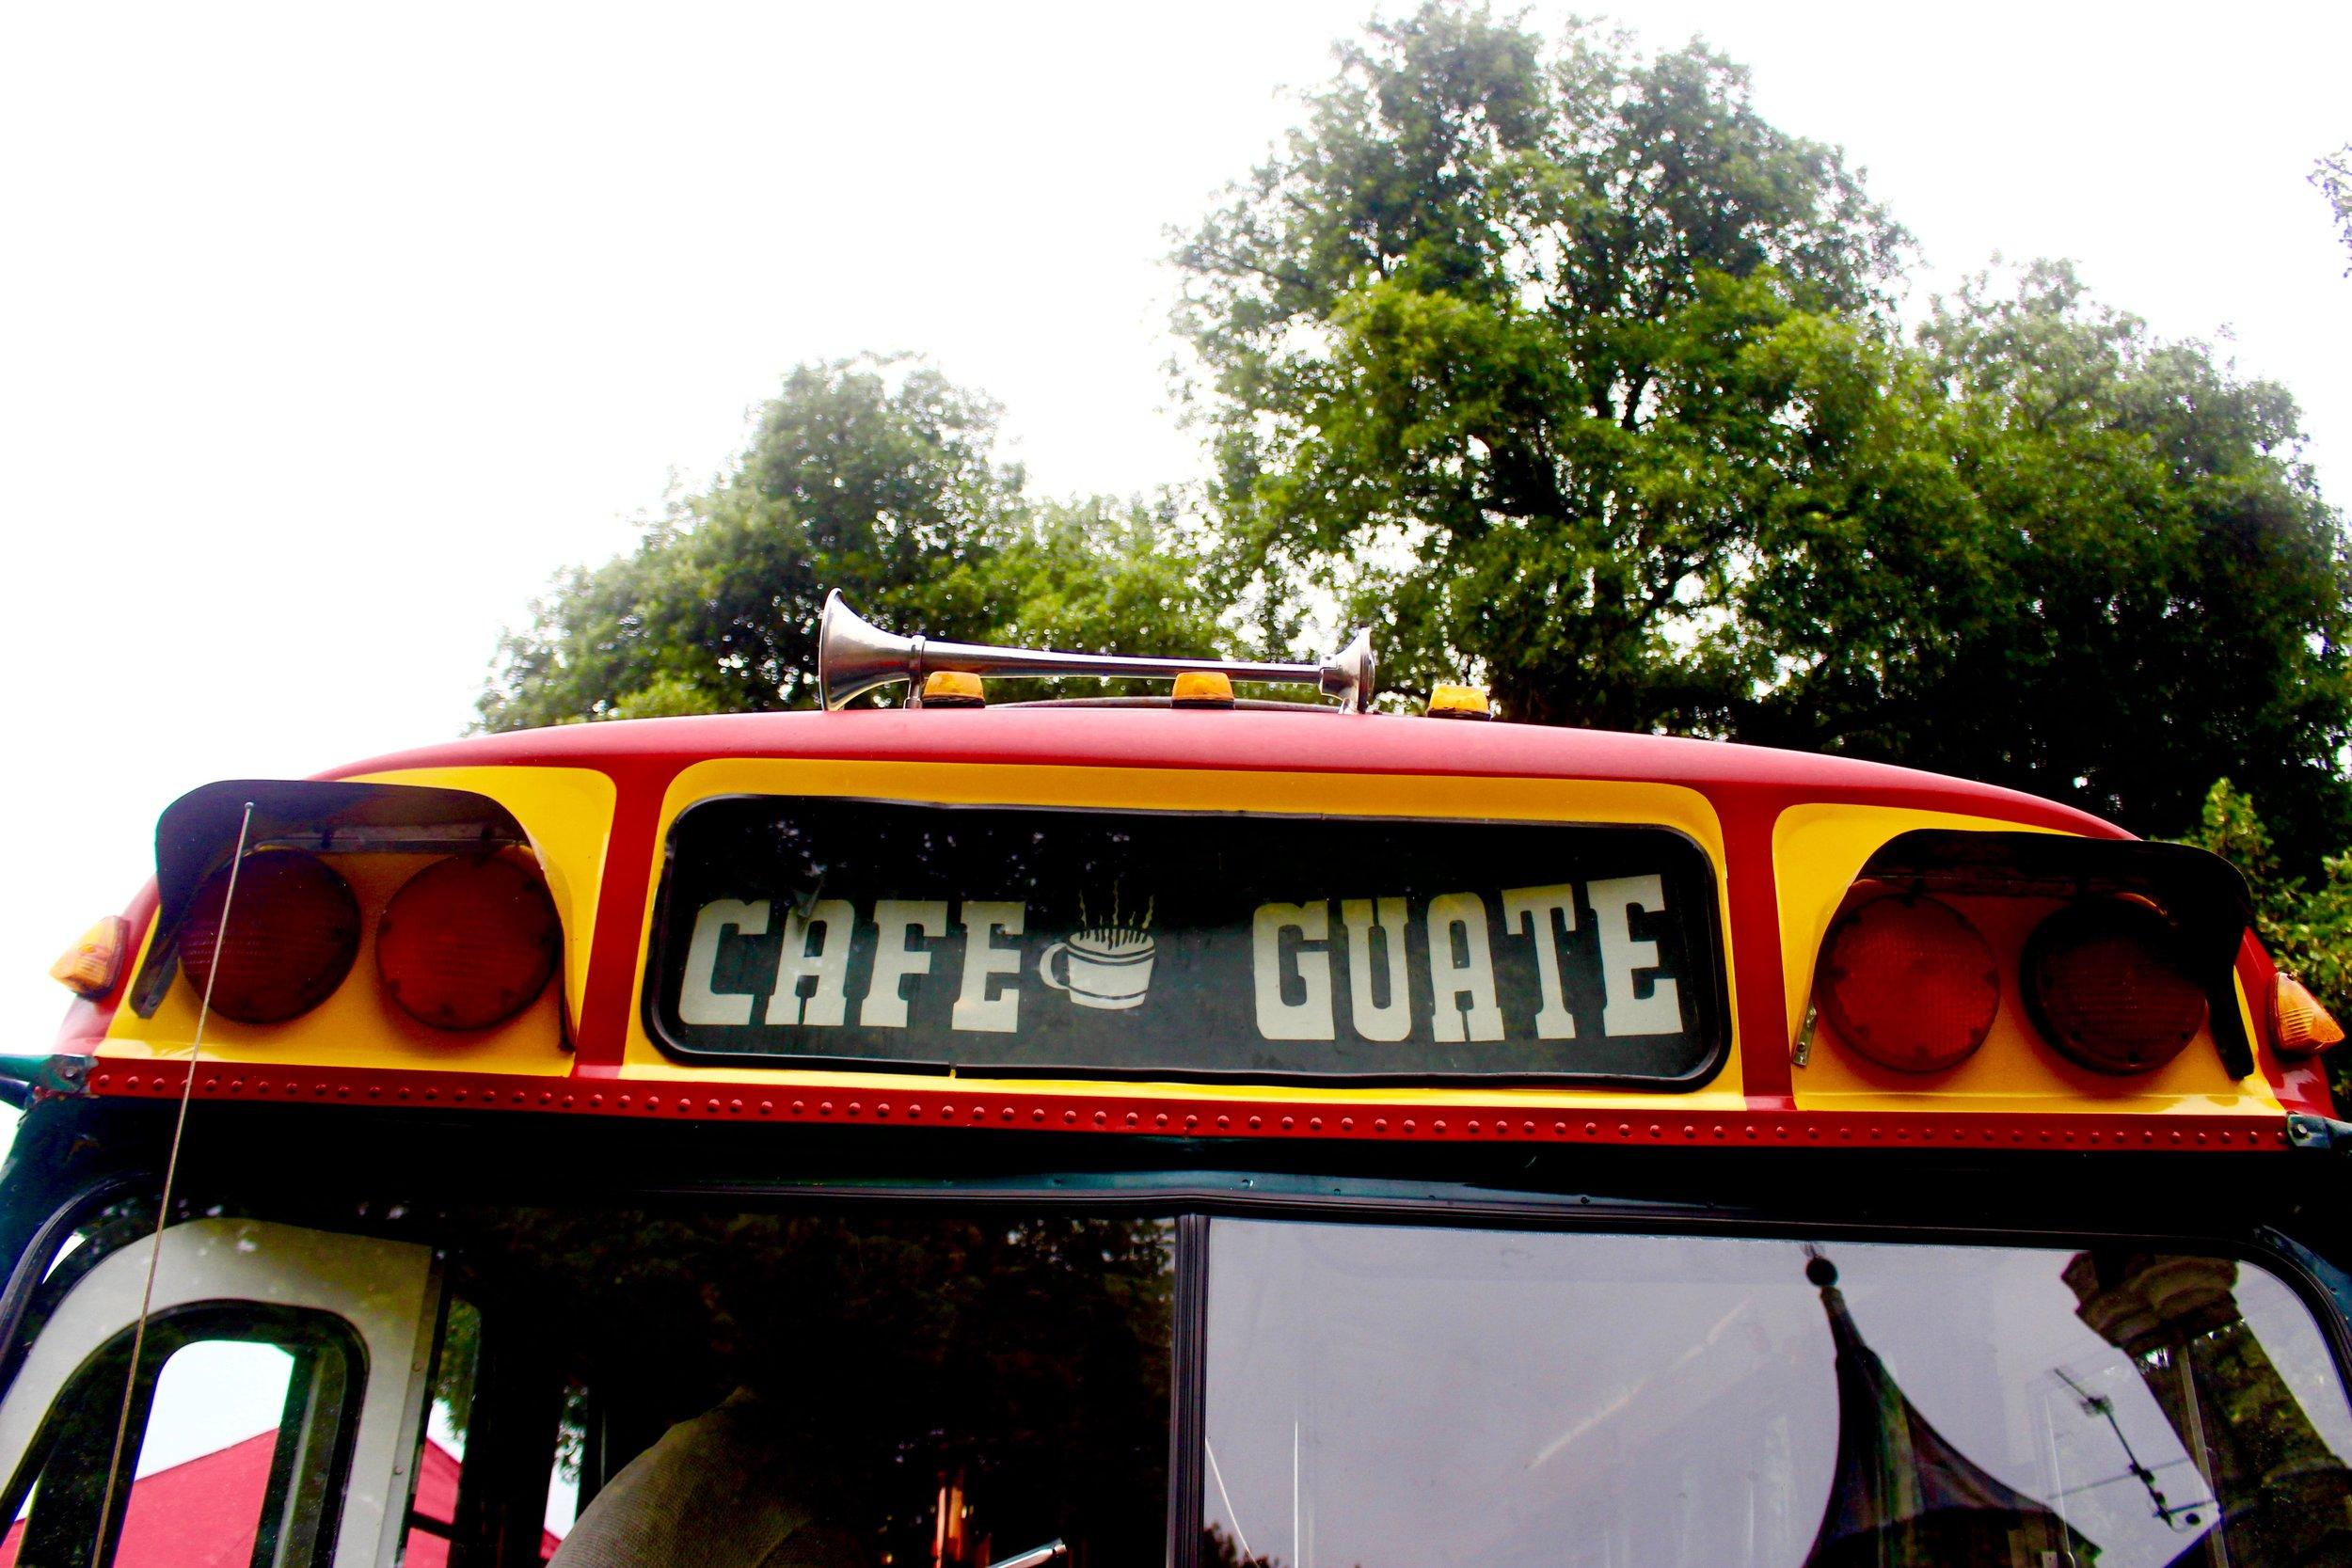 Cafe_Guate.jpg